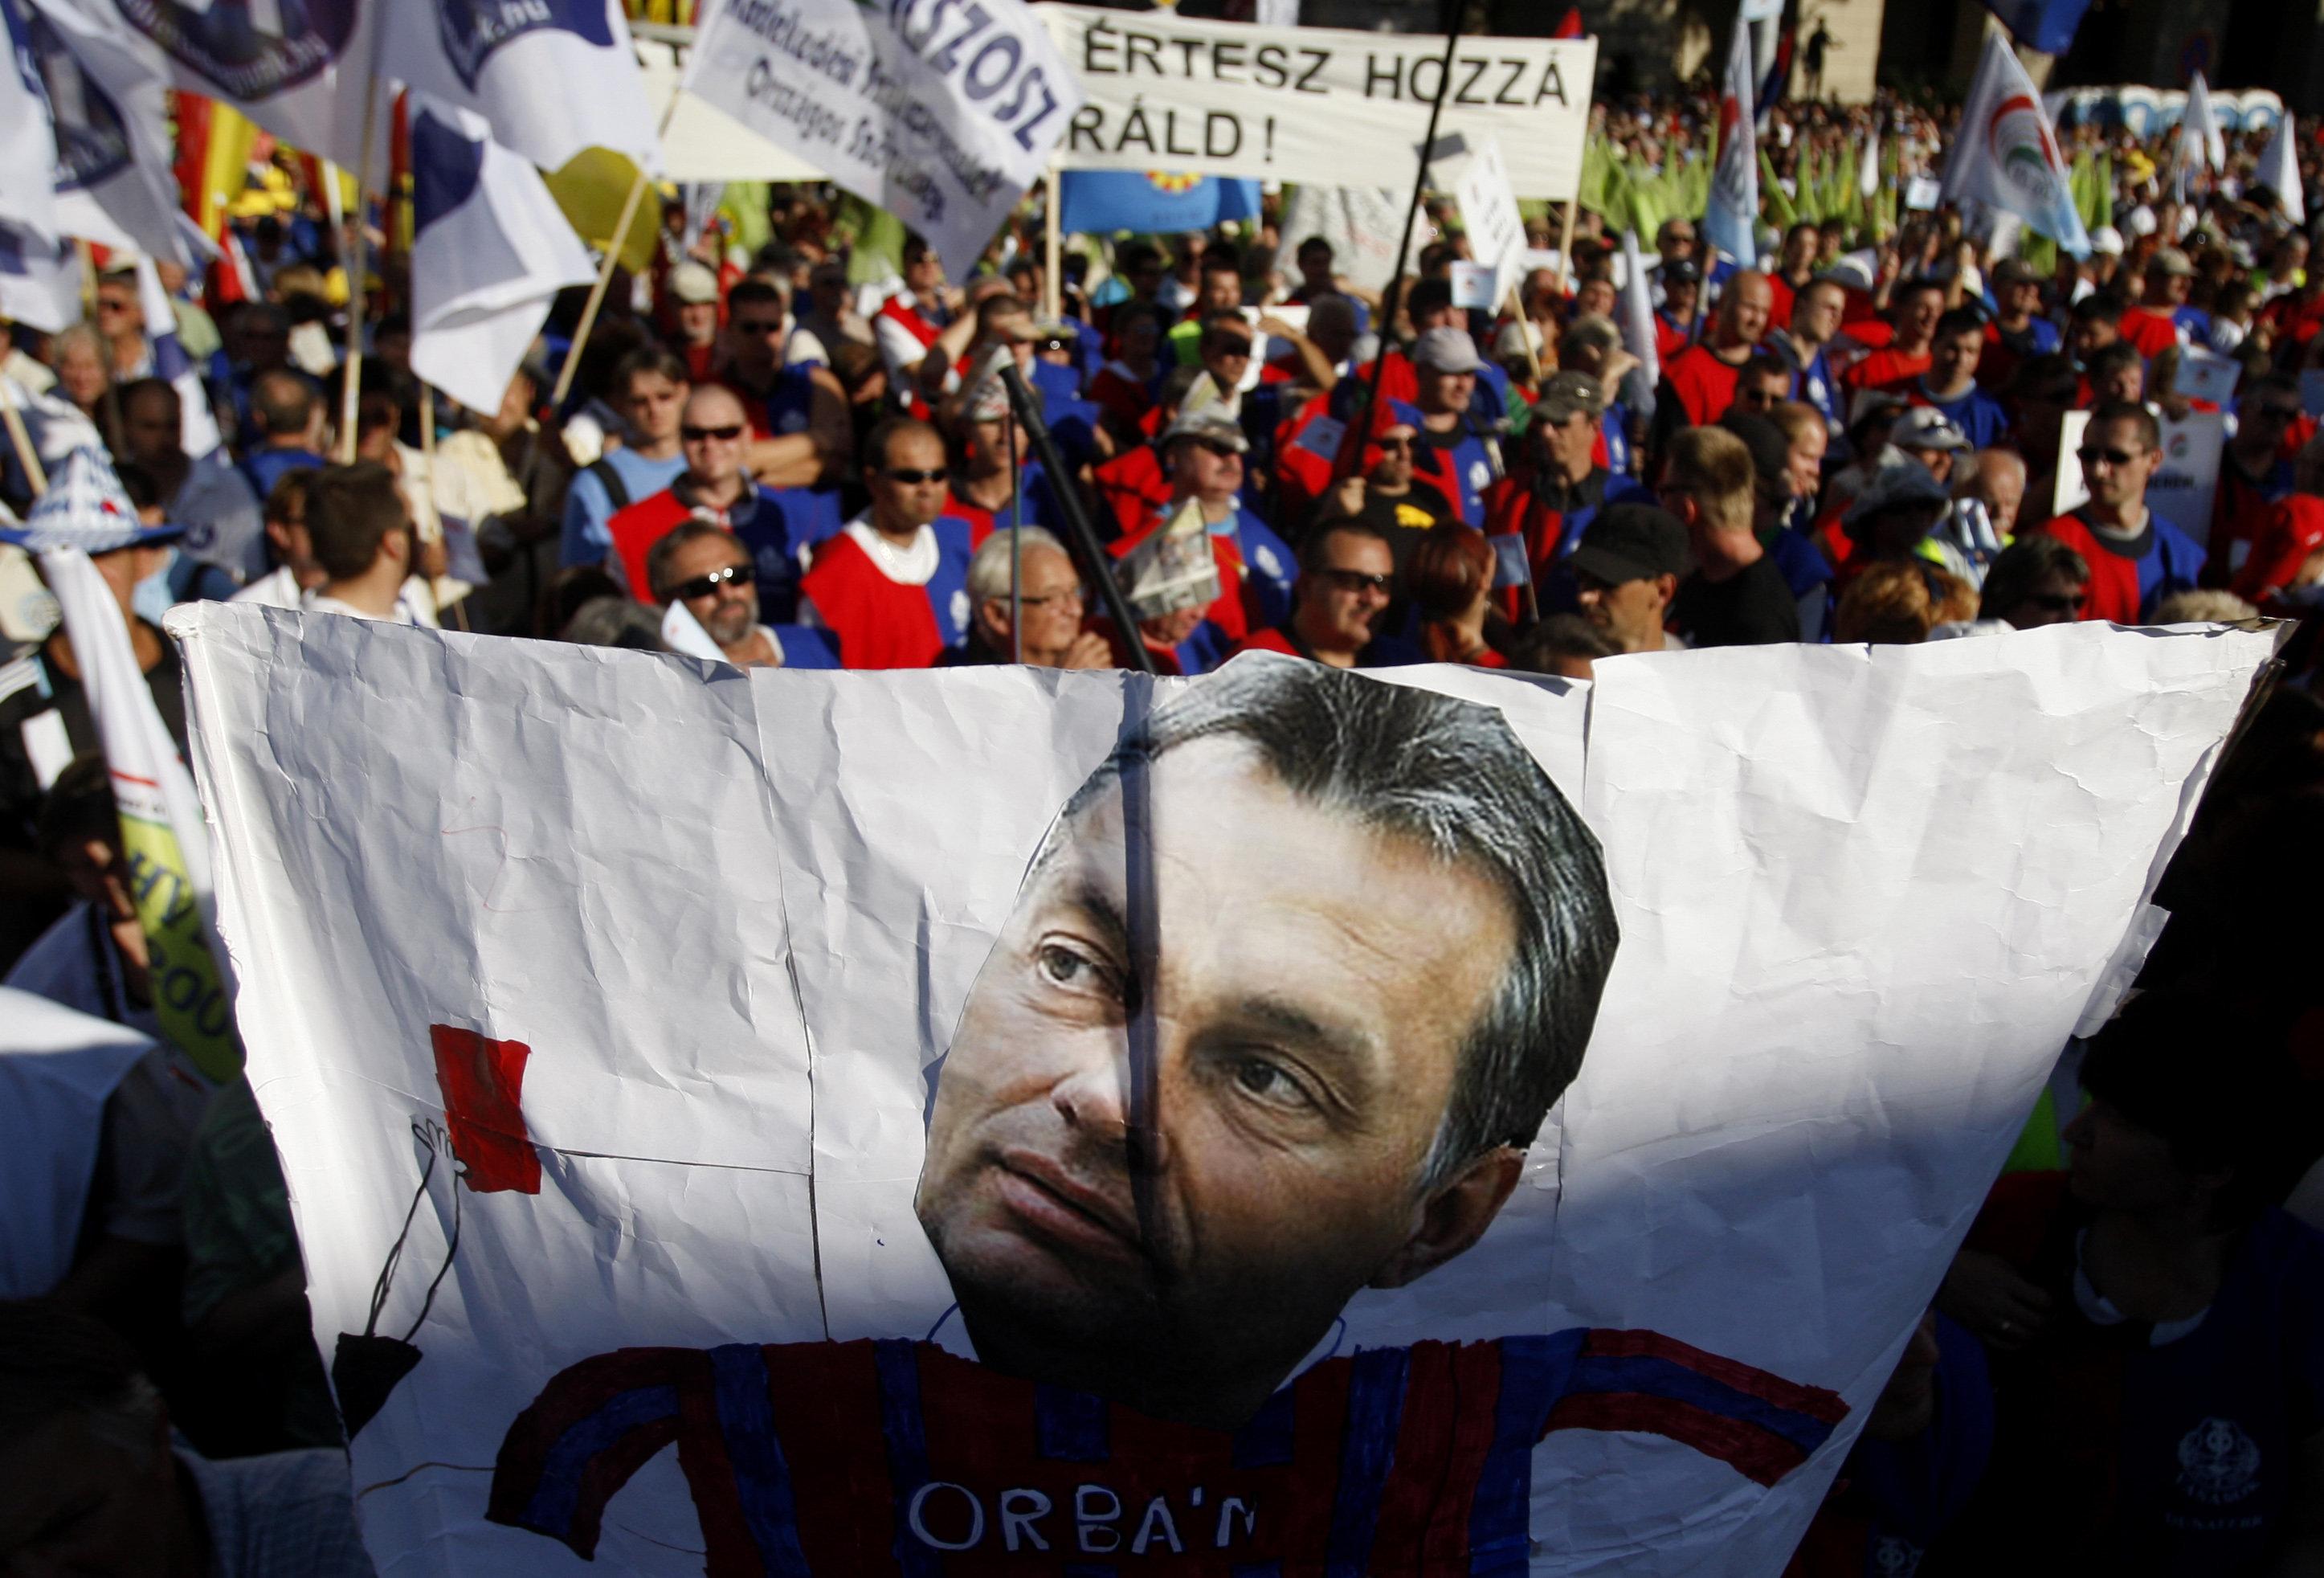 Βίκτορ Όρμπαν: Ποιος είναι ο άνθρωπος που πιστεύει ότι η Ευρώπη δέχεται εισβολή;